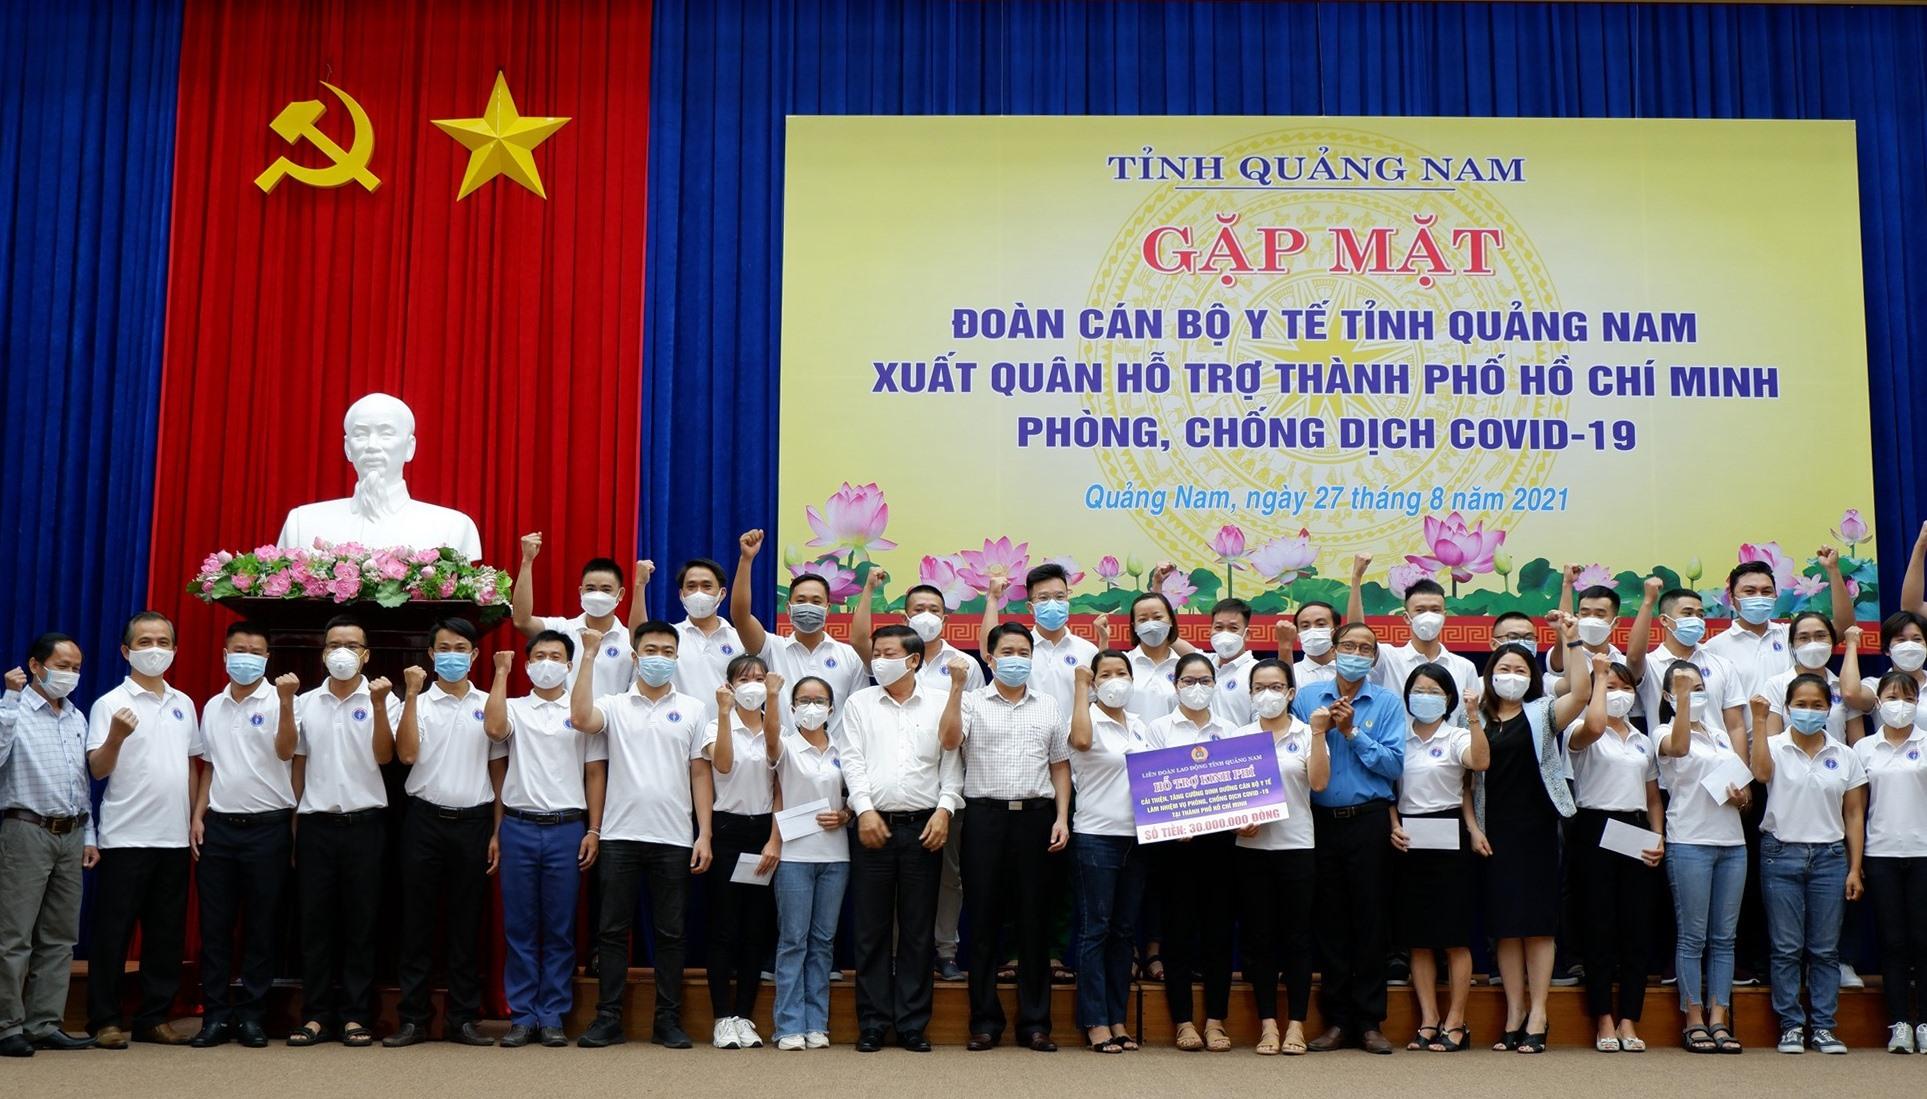 Đoàn y bác sĩ tình nguyện của Quảng Nam đợt này với tinh thần quyết tâm cùng đội ngũ y tế tại TP.Hồ Chí Minh đẩy lùi dịch bệnh. Ảnh: X.H